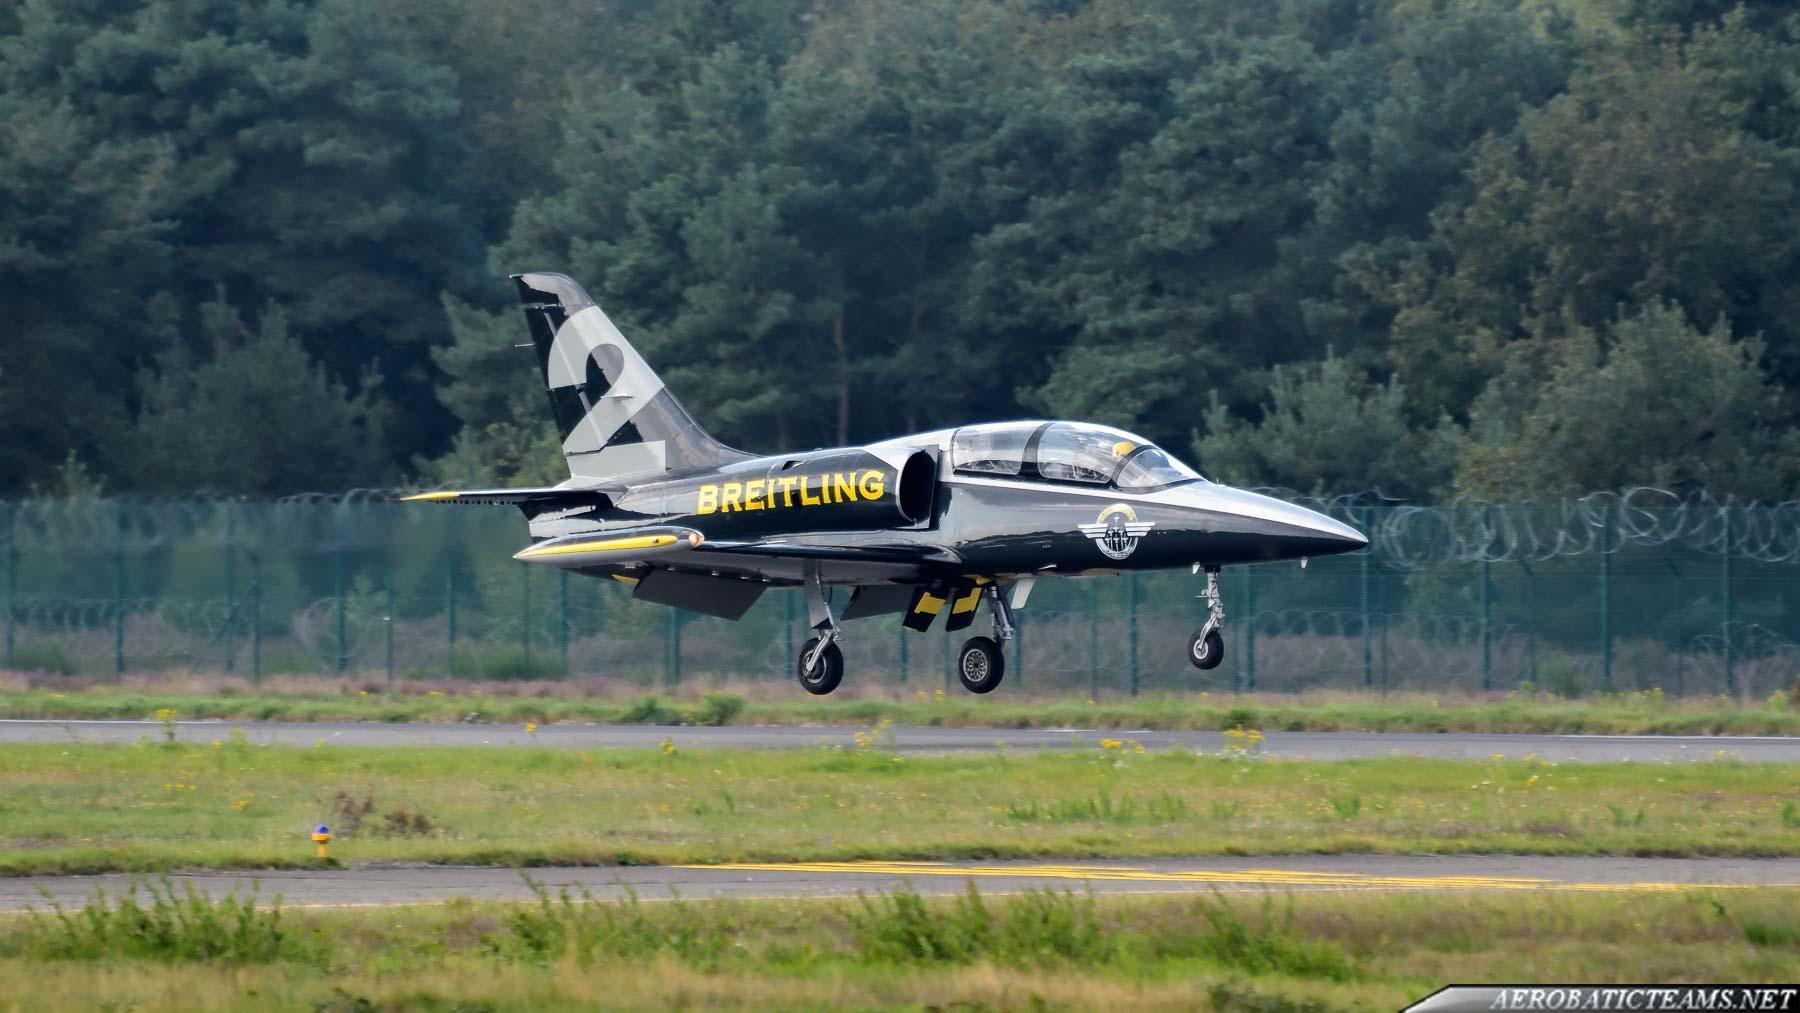 Breitling Jet Team crash incident